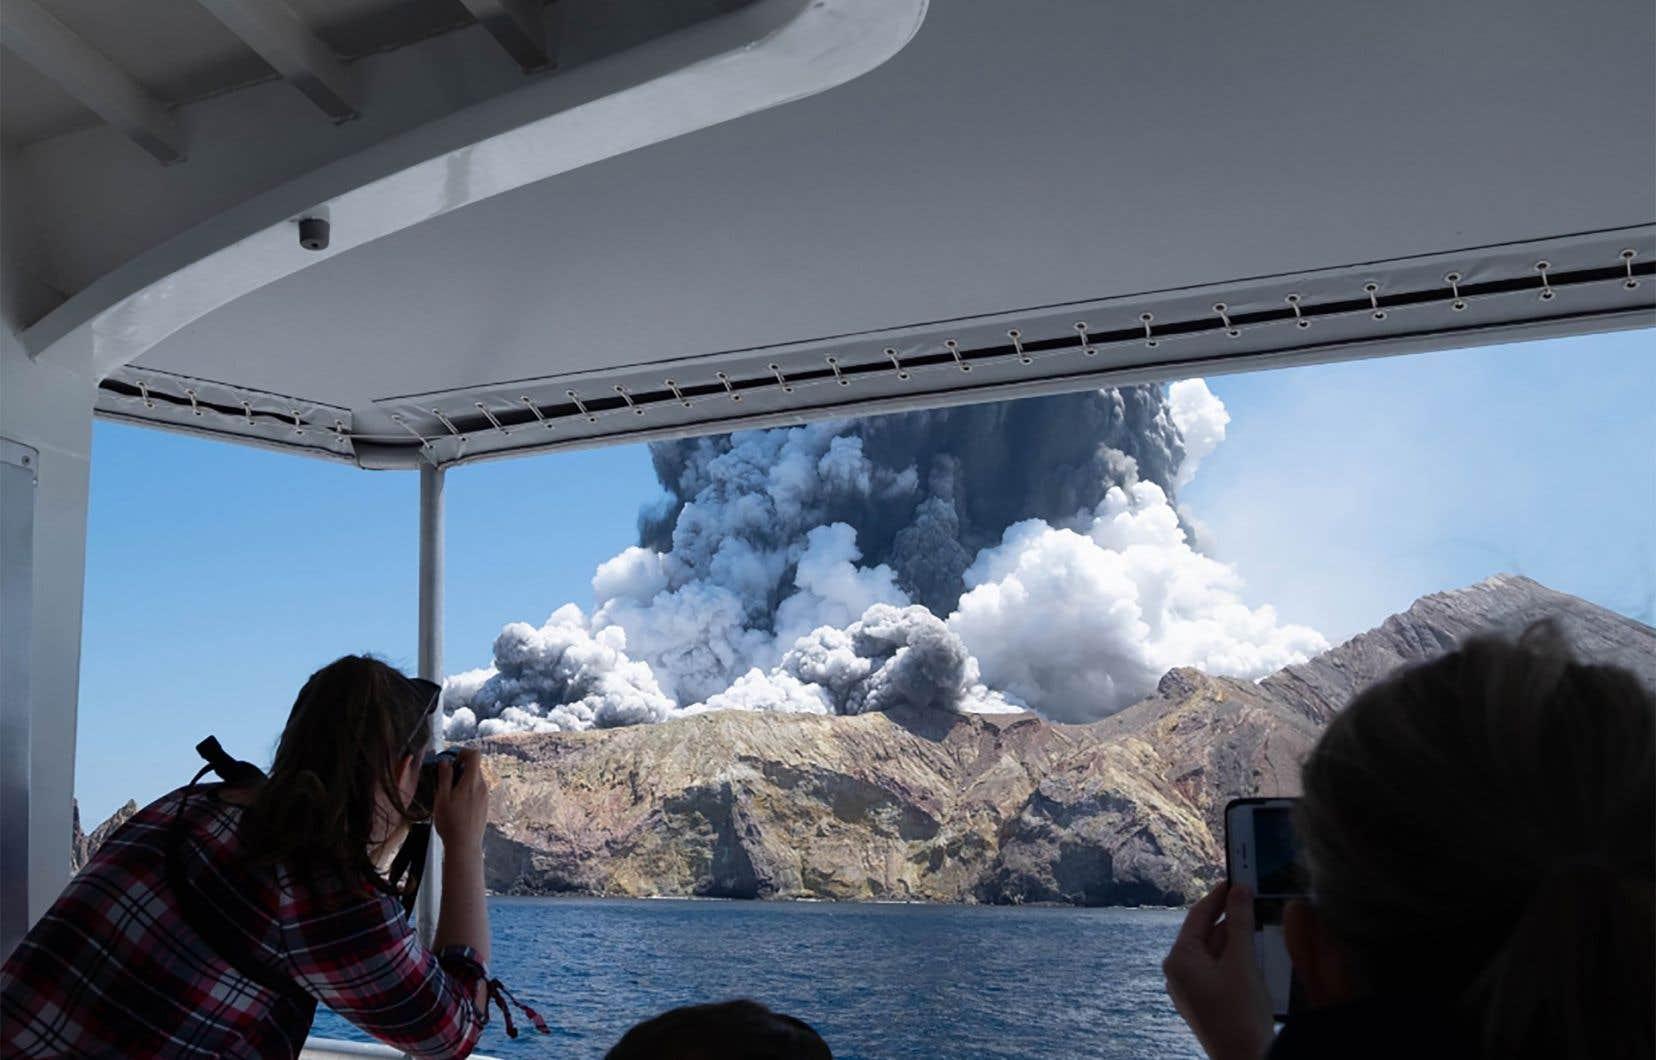 L'Agence nationale de gestion des situations d'urgence a qualifié cette éruption de «modérée». Un épais panache blanc était cependant visible à des kilomètres à la ronde.